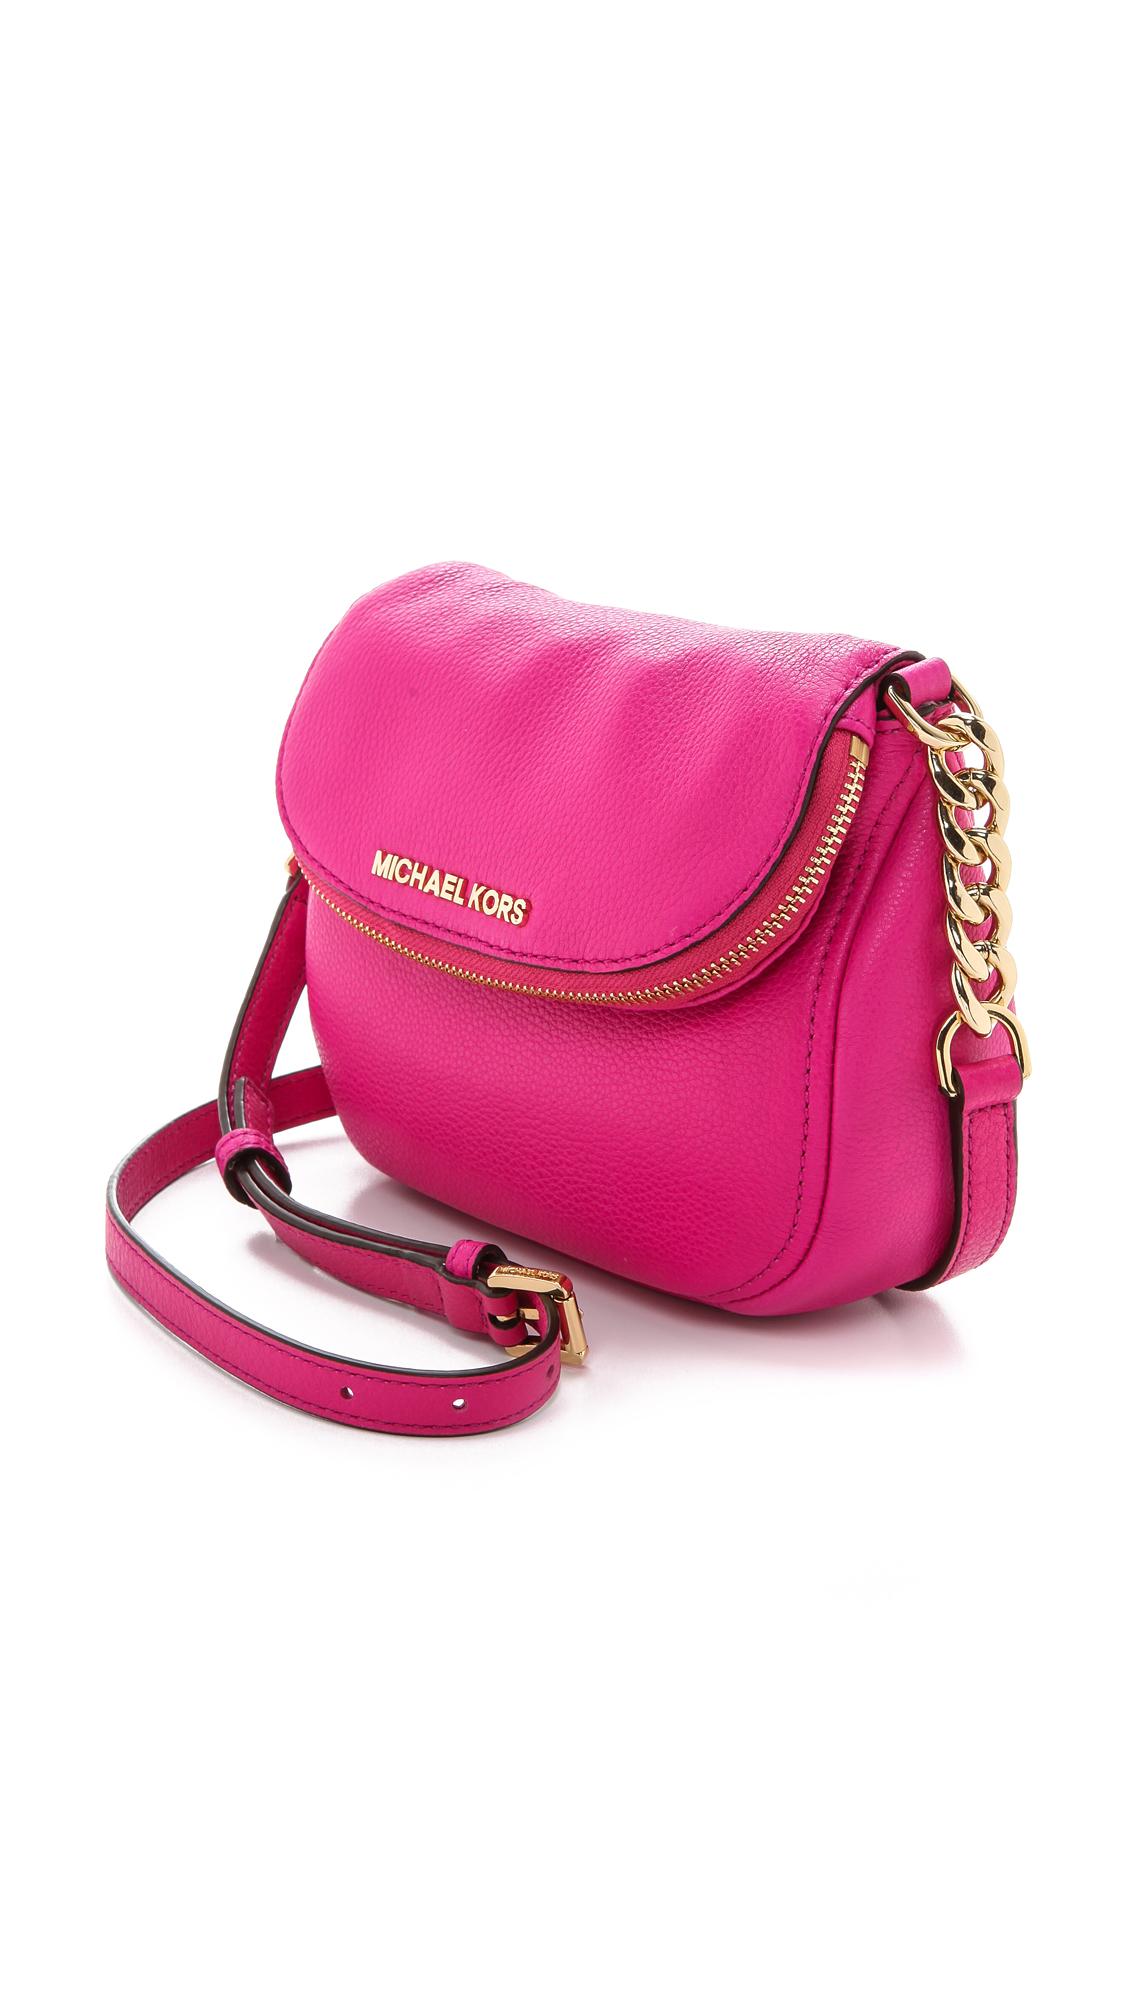 Michael Kors Bags Amazon Uk -